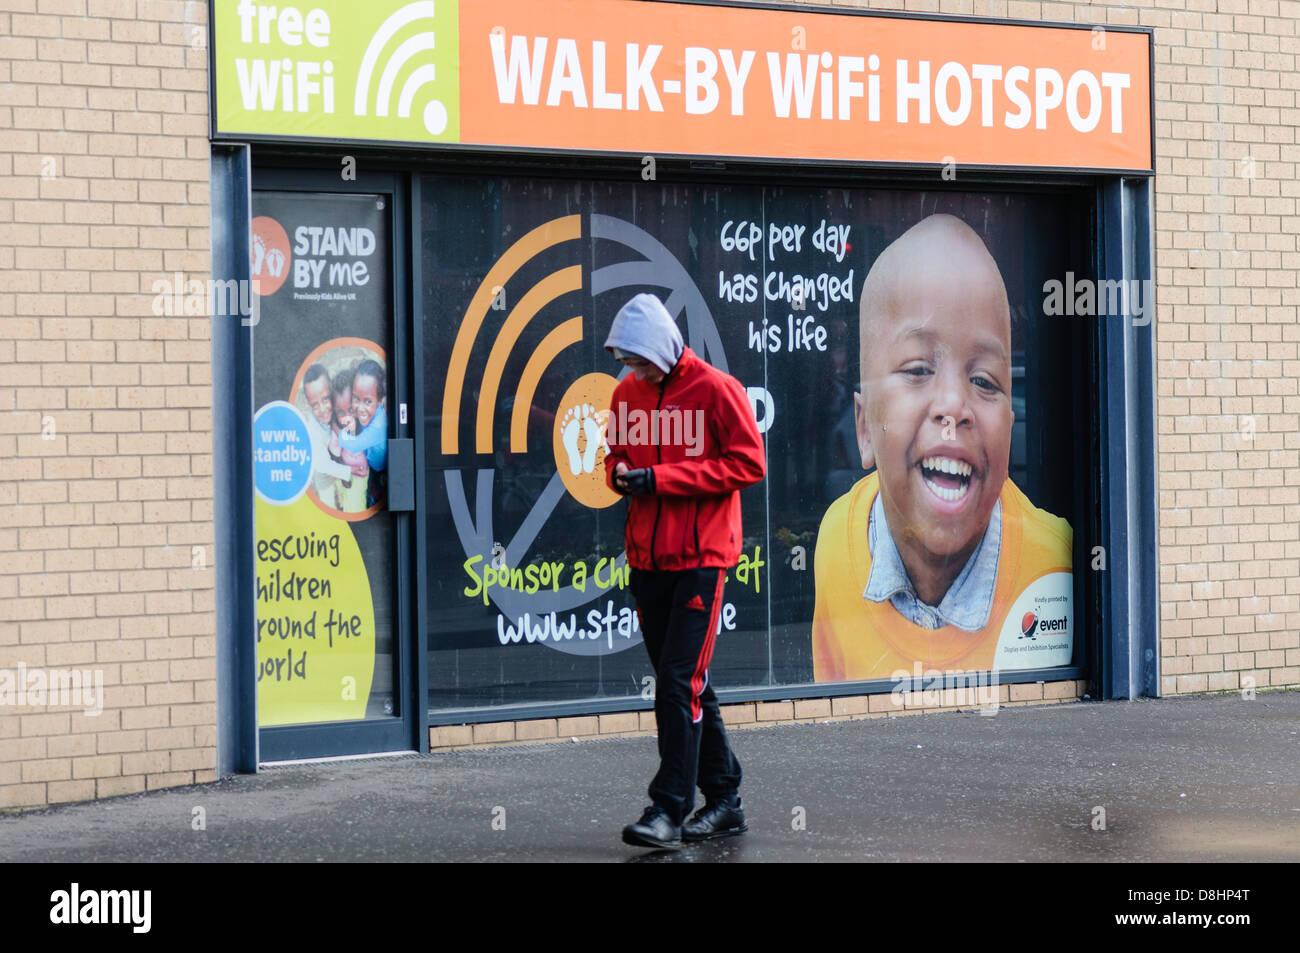 Adolescente camina pasado a través de un hotspot Wifi mientras utiliza su smartphone Imagen De Stock